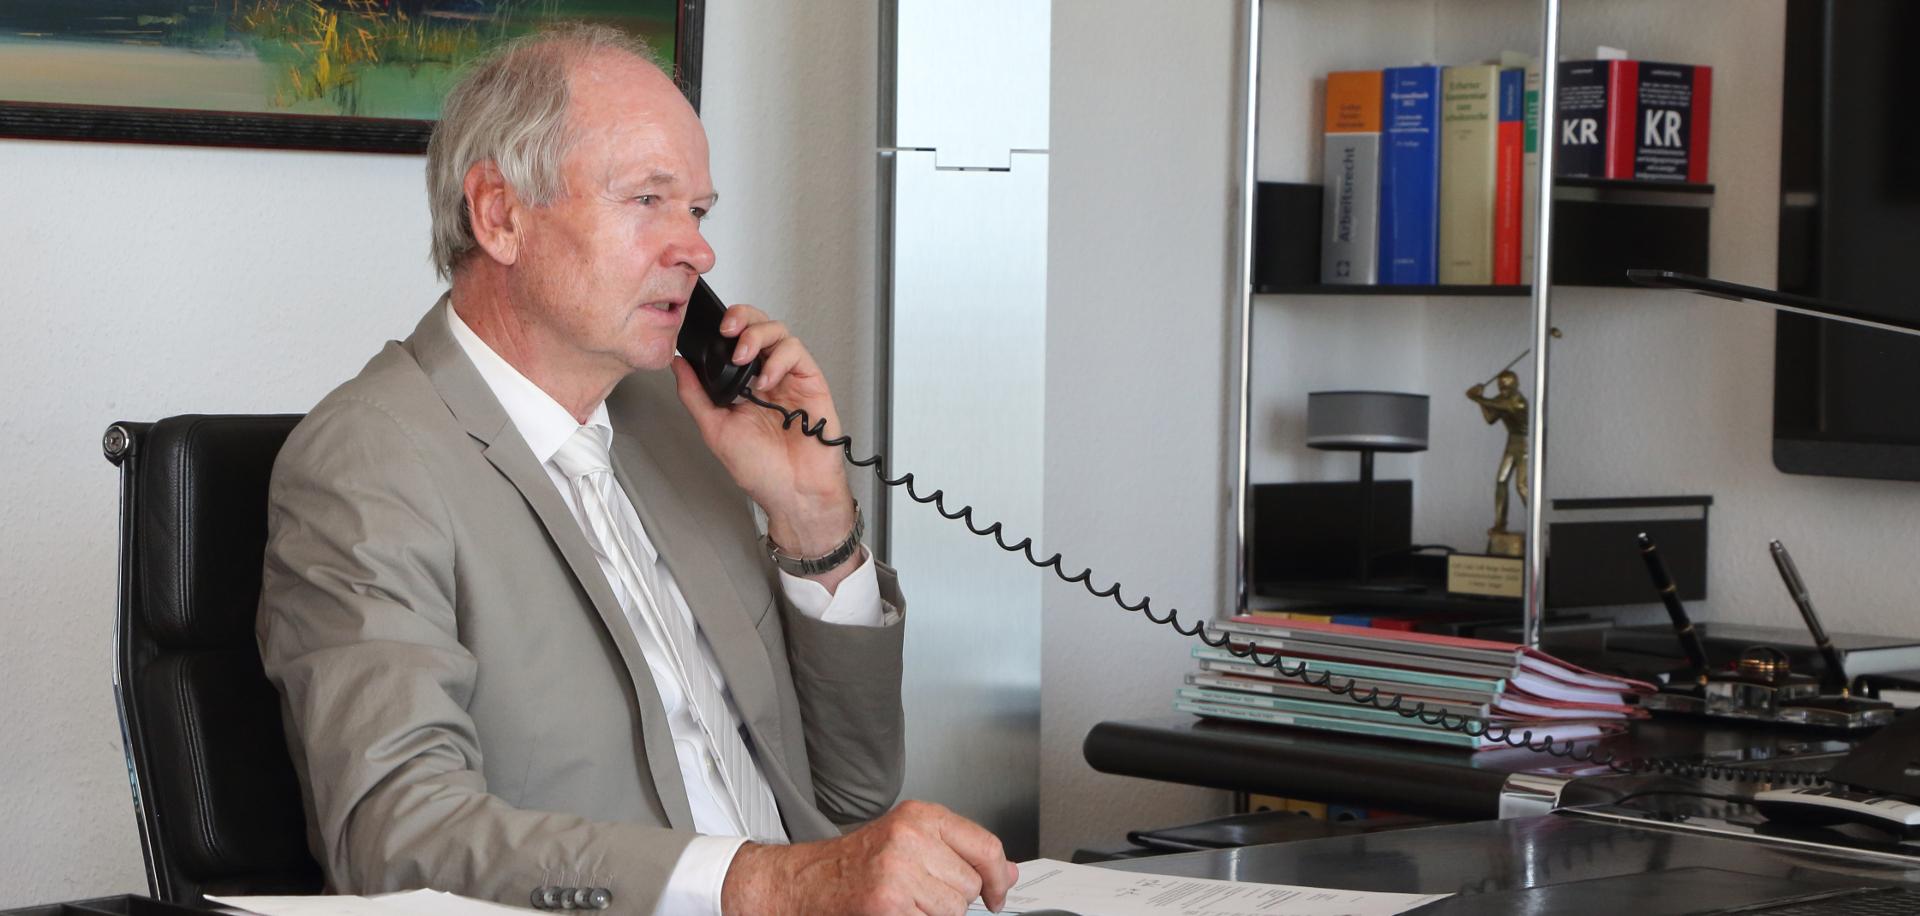 Fachanwalt Arbeitsrecht Frankfurt Dr Axel Hiller